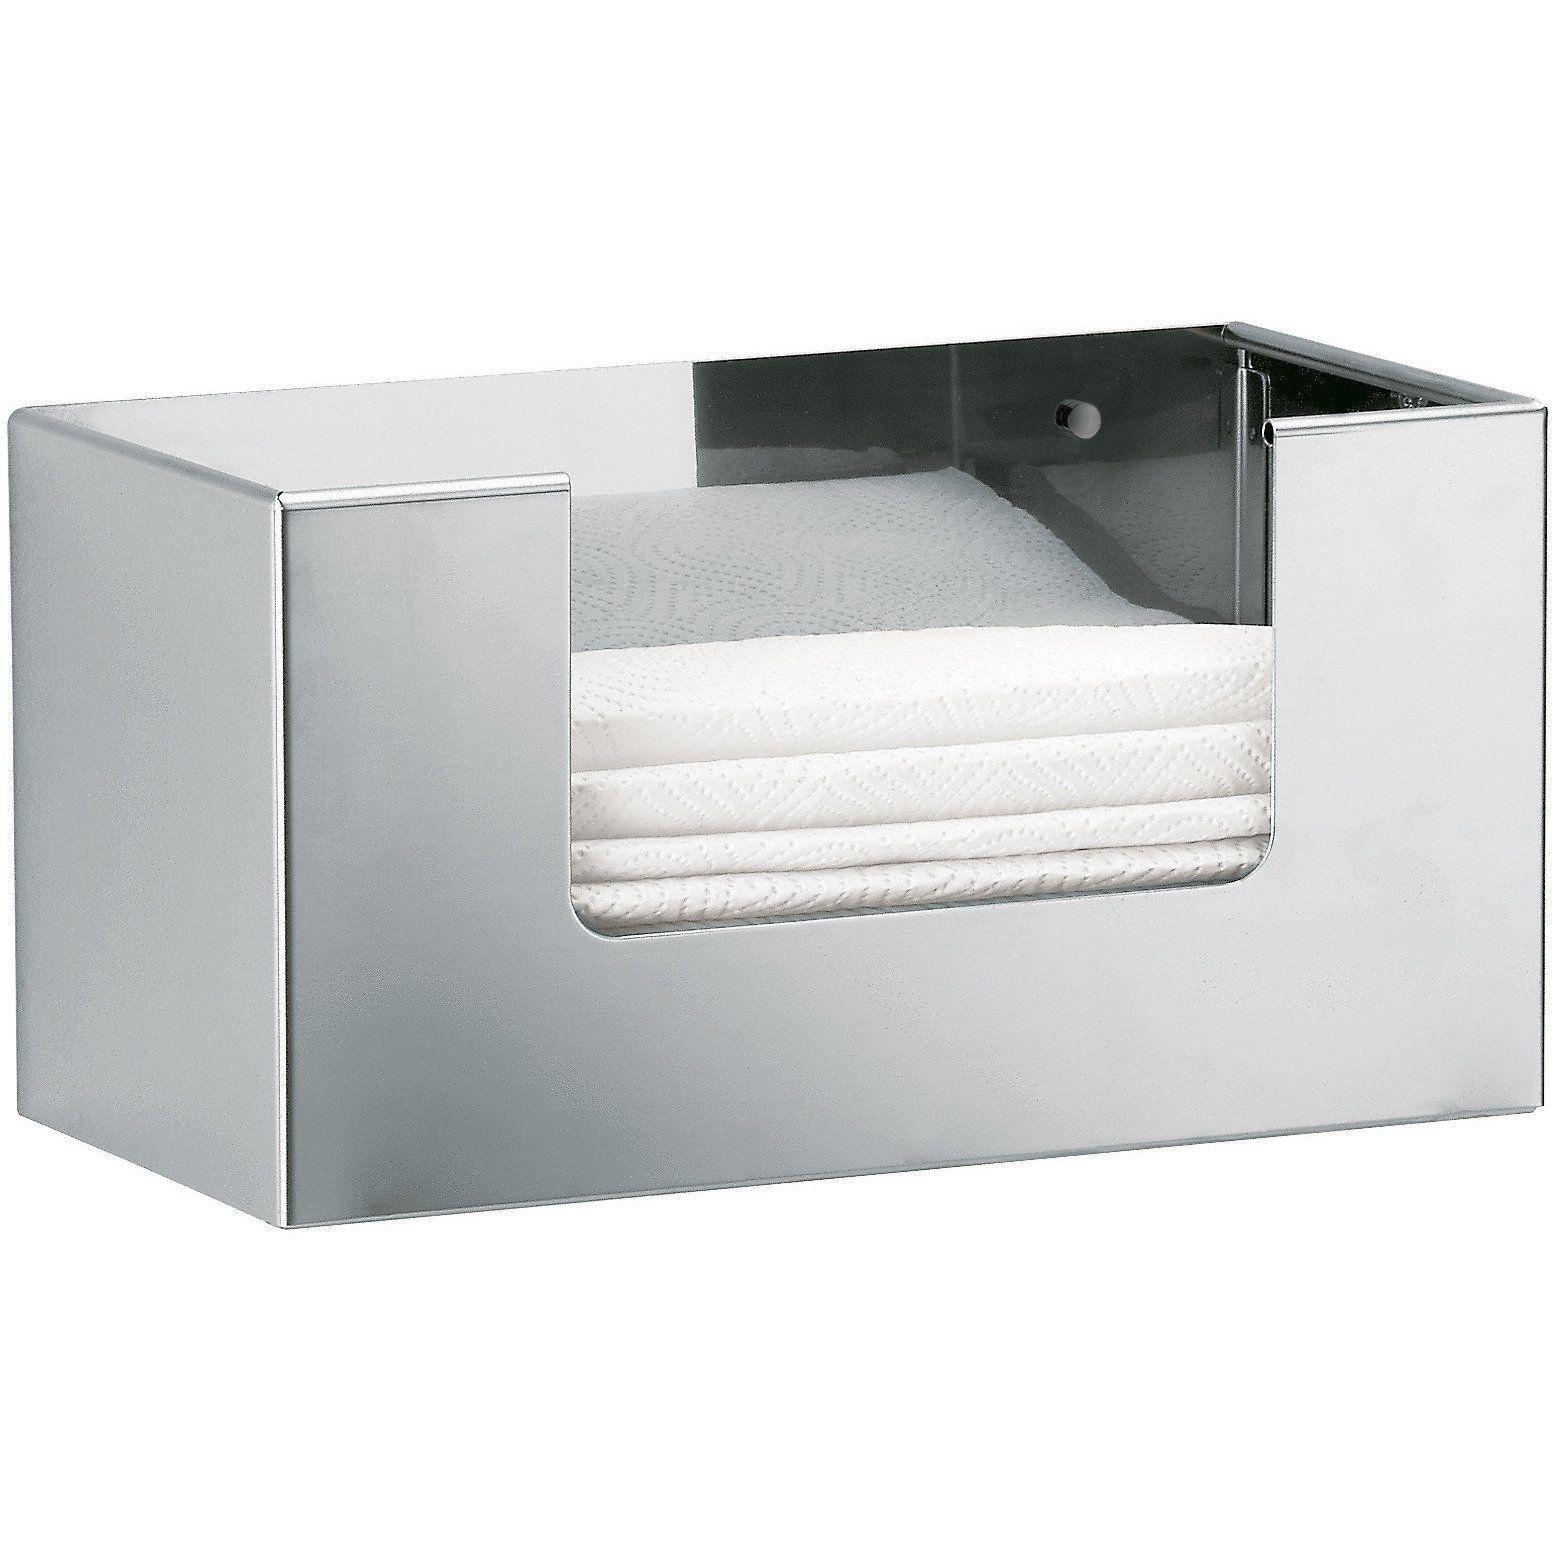 Dw 117 Tissue Box Holder Cover Tray Paper Dispenser Tissue Case